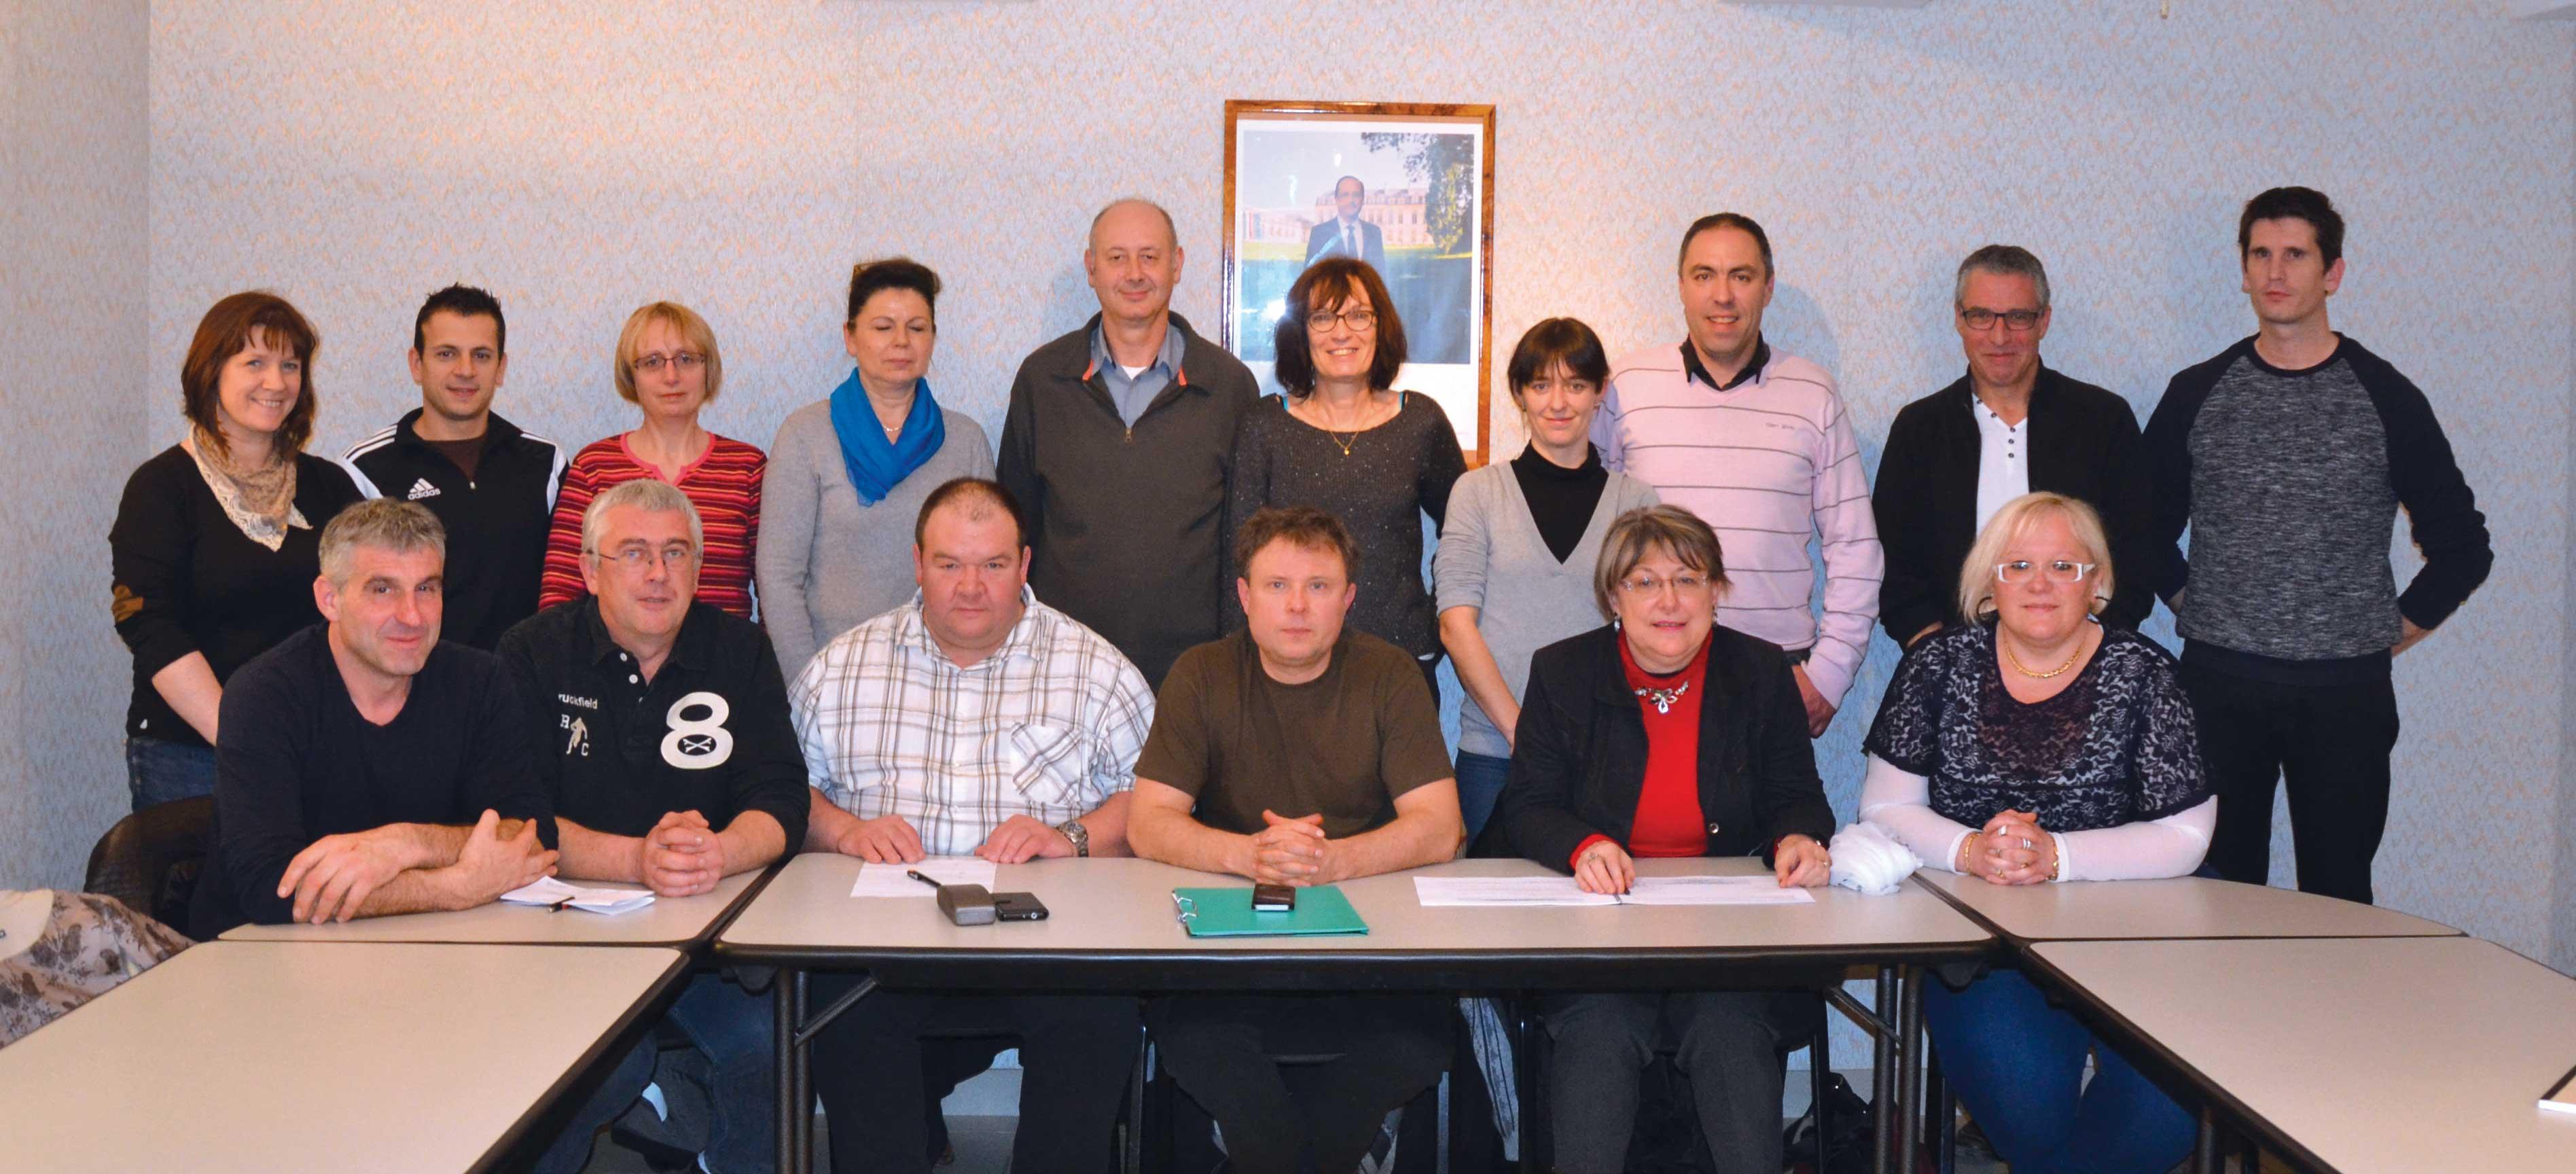 Photographie du conseil municipal de Le Rousset-Marizy